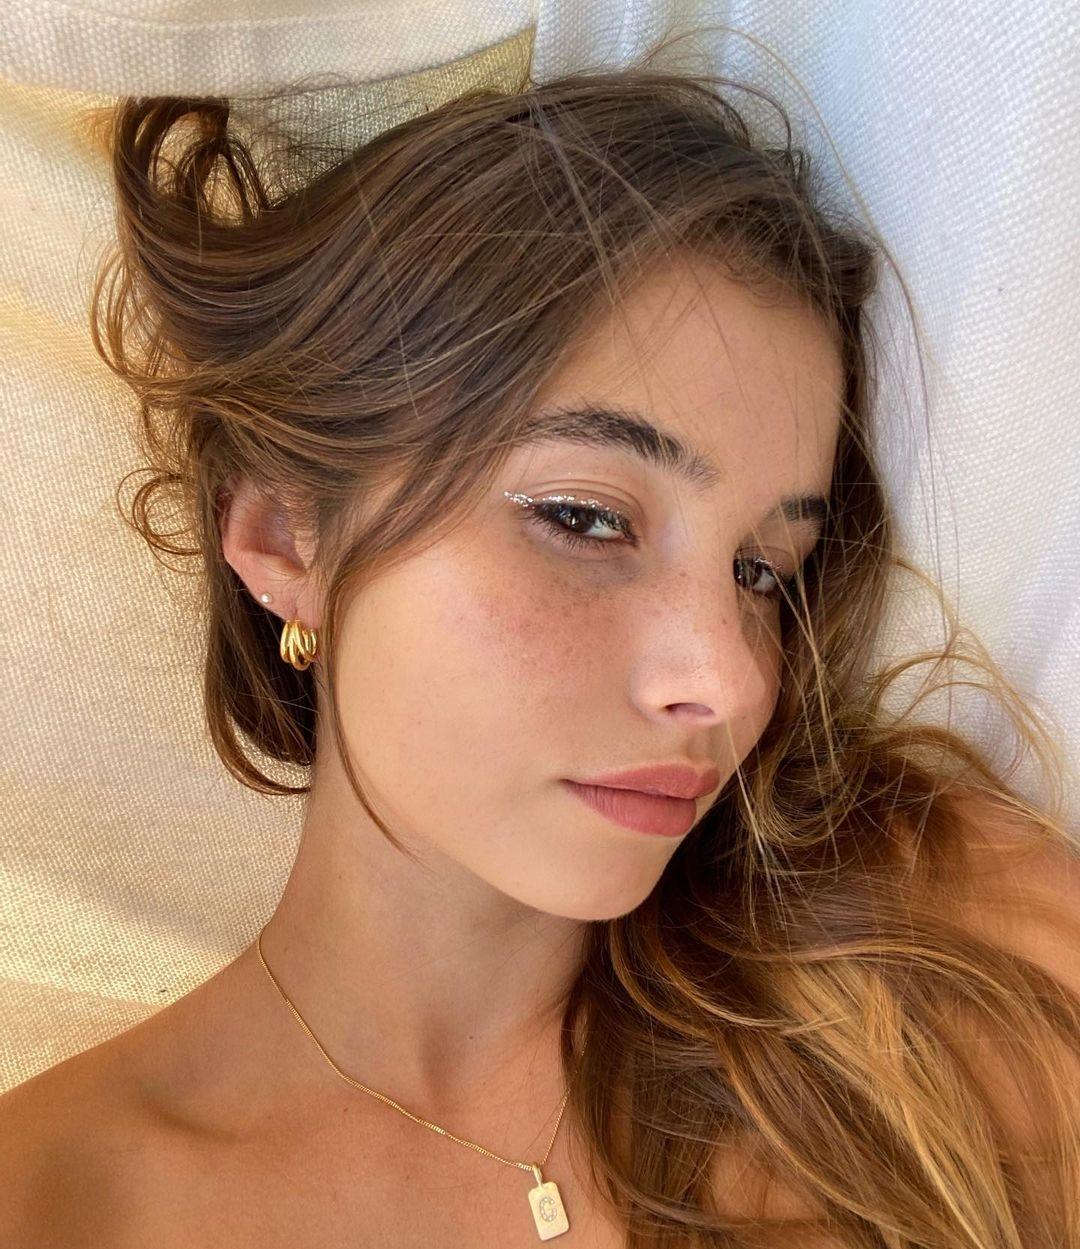 Emilia-Merkell-Wallpapers-Insta-Fit-Bio-1